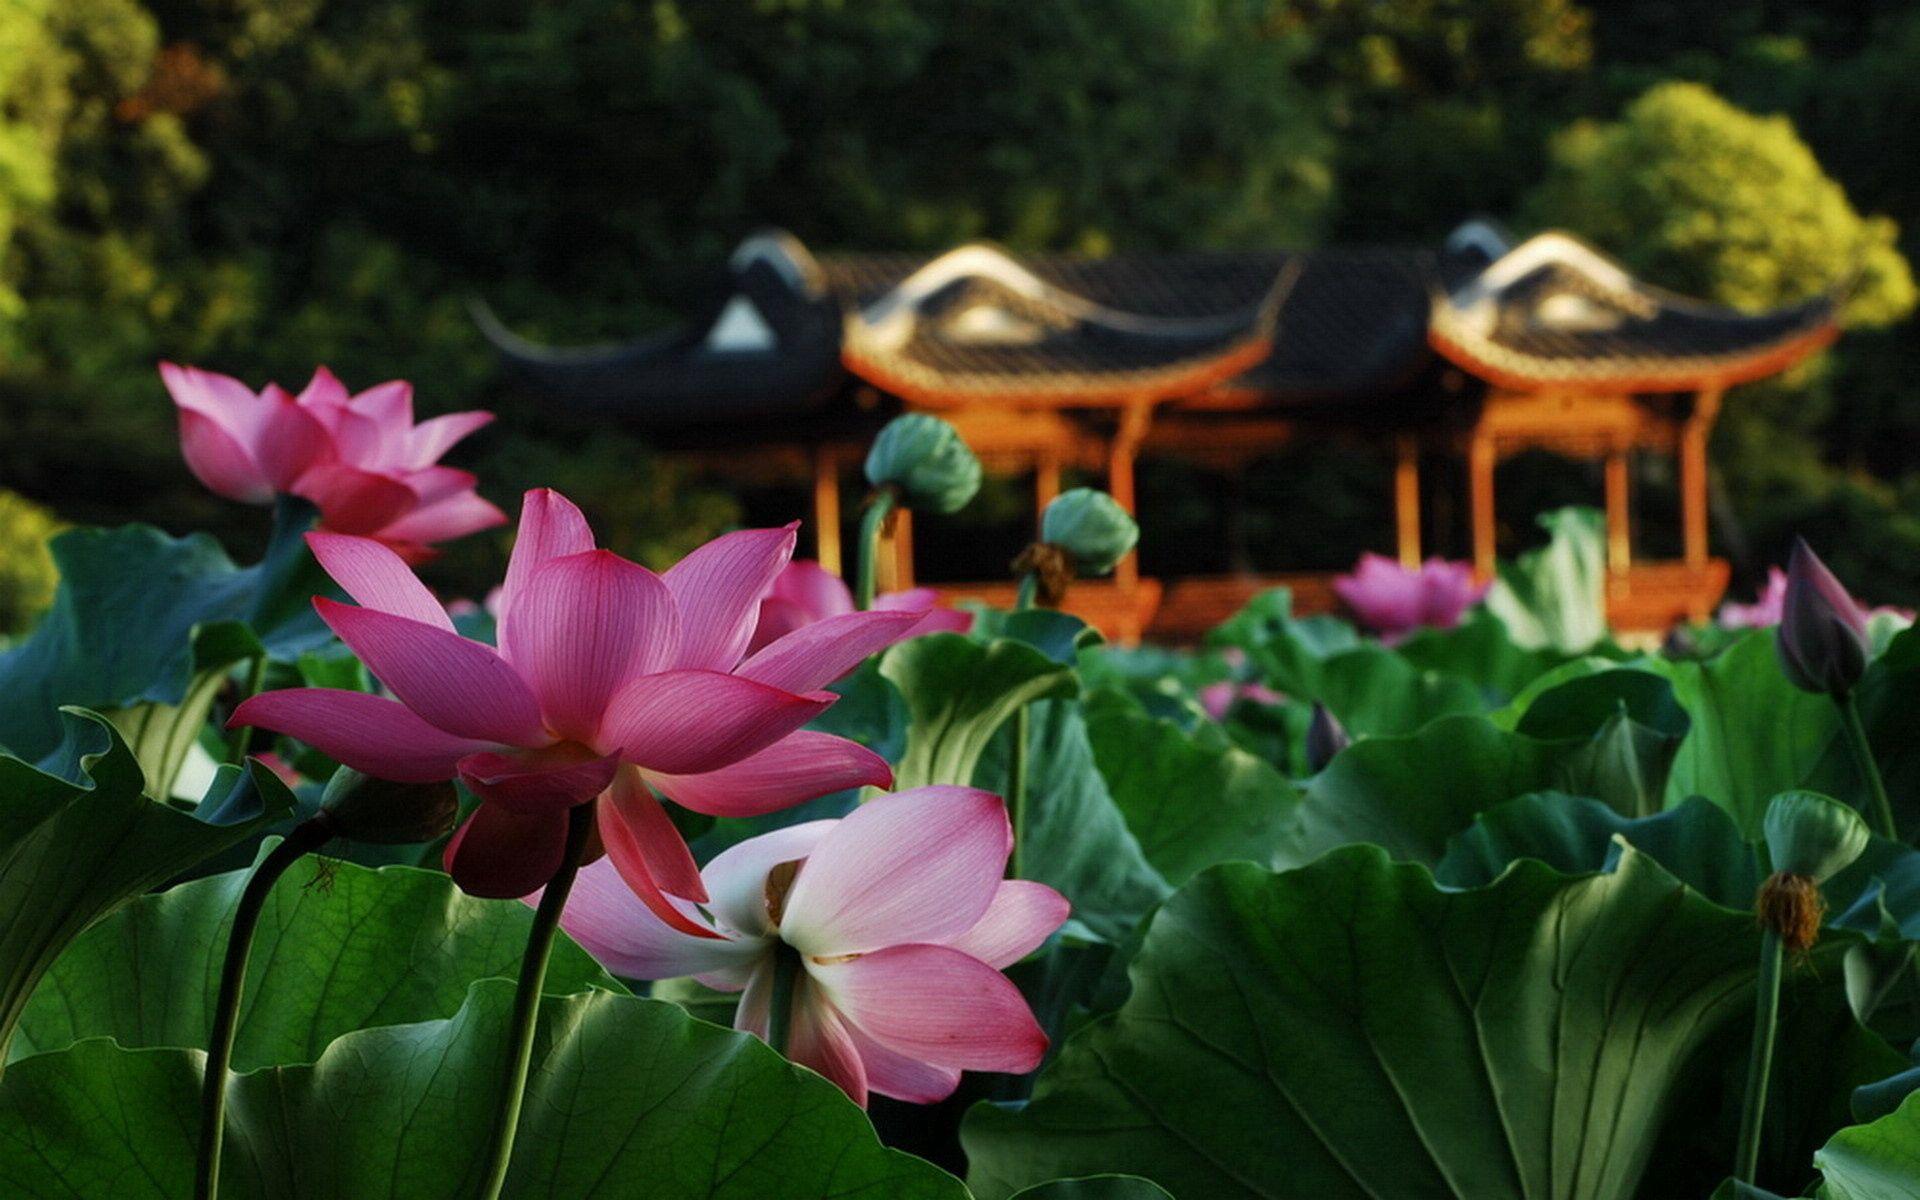 123626 Hintergrundbild herunterladen Natur, Blumen, Blätter, Lotus, Makro, Teich, Alkoven, Bower - Bildschirmschoner und Bilder kostenlos